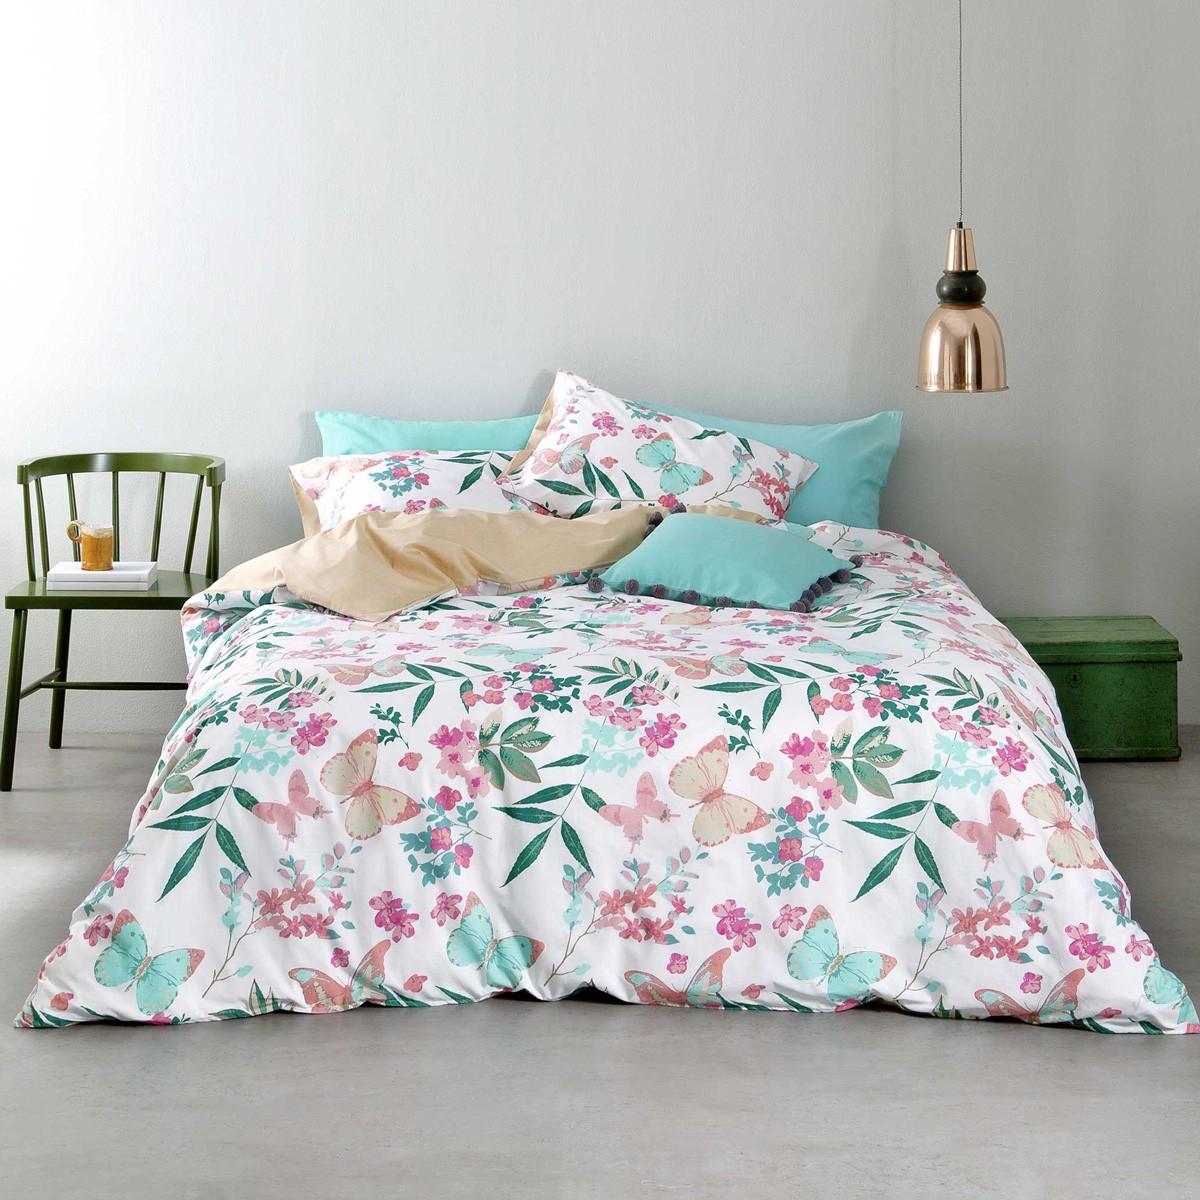 Κουβερλί Υπέρδιπλο Nima Bed Linen Tahiti Pink